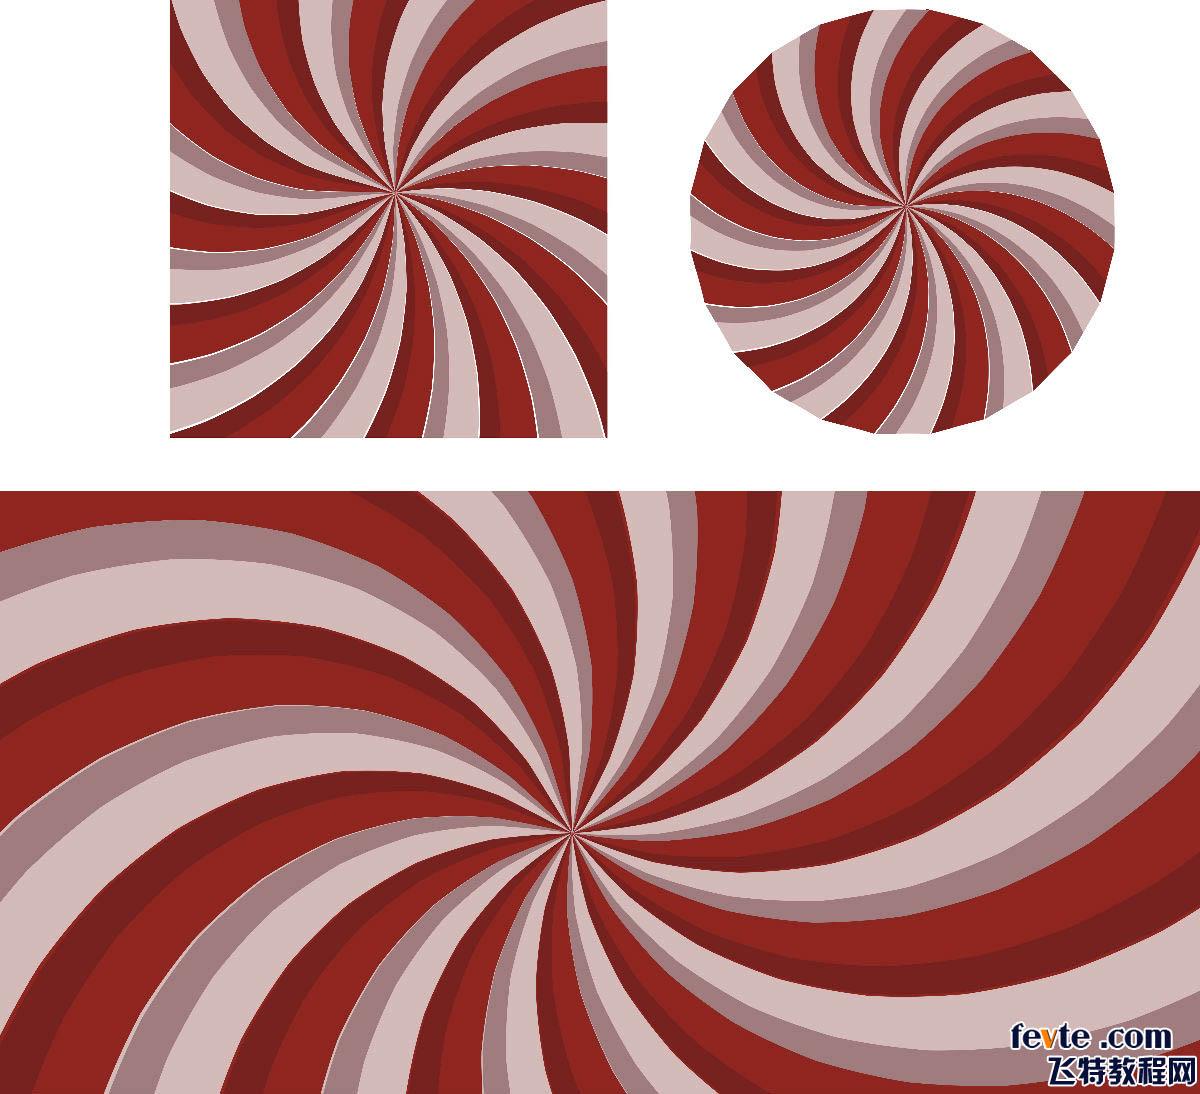 平面设计 coreldraw > cdr变形工具绘制螺旋背景    下面要做旋转的